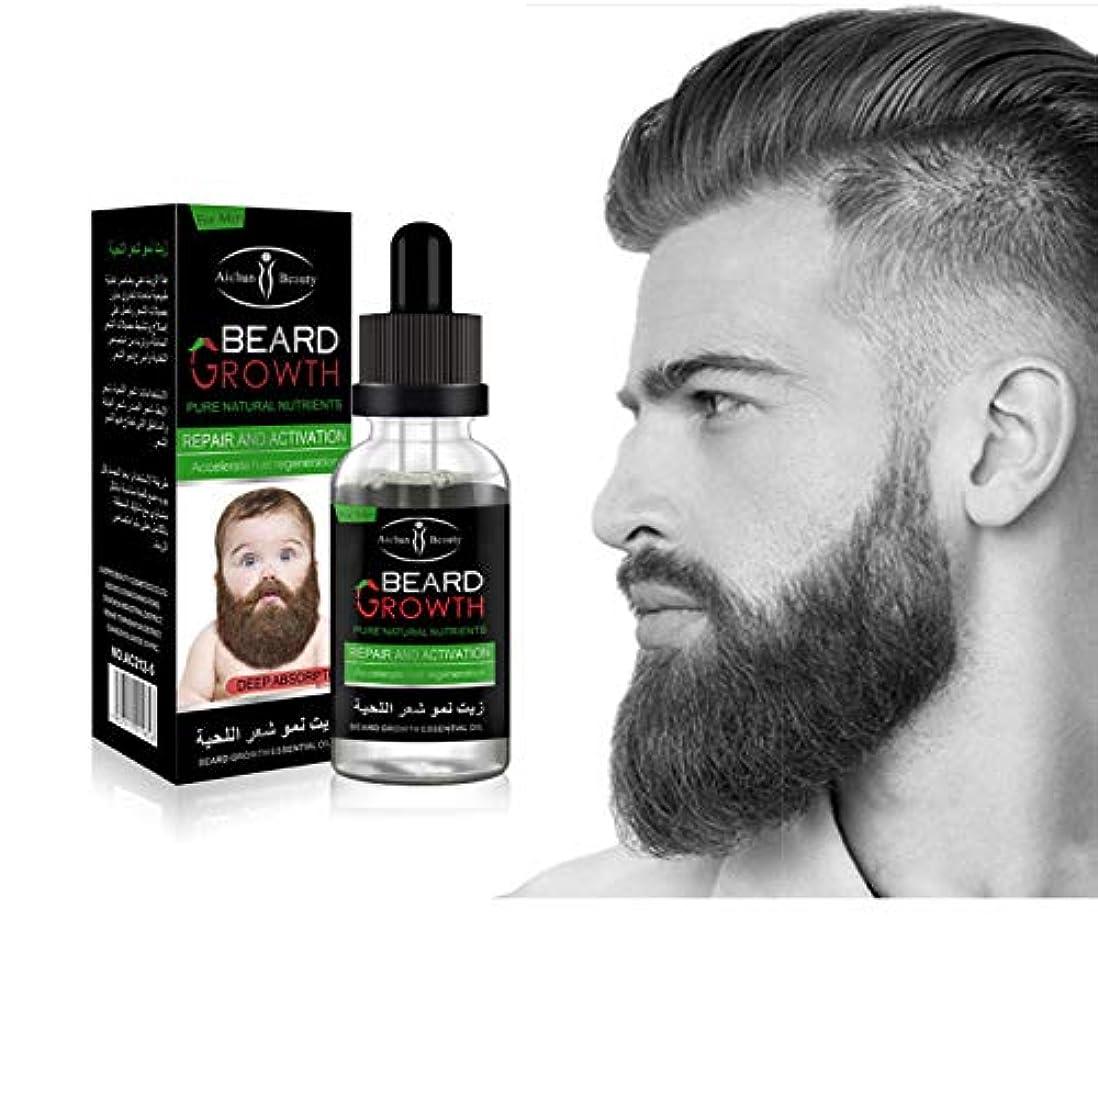 どういたしまして傷跡信頼できるひげ油 ひげオイル ひげ生長液 眉毛、ひげの成長 男性用 育毛トニック 植物油 保湿 滋養 30ml ヘア 100%ナチュラル トリートメント液 グルーミング